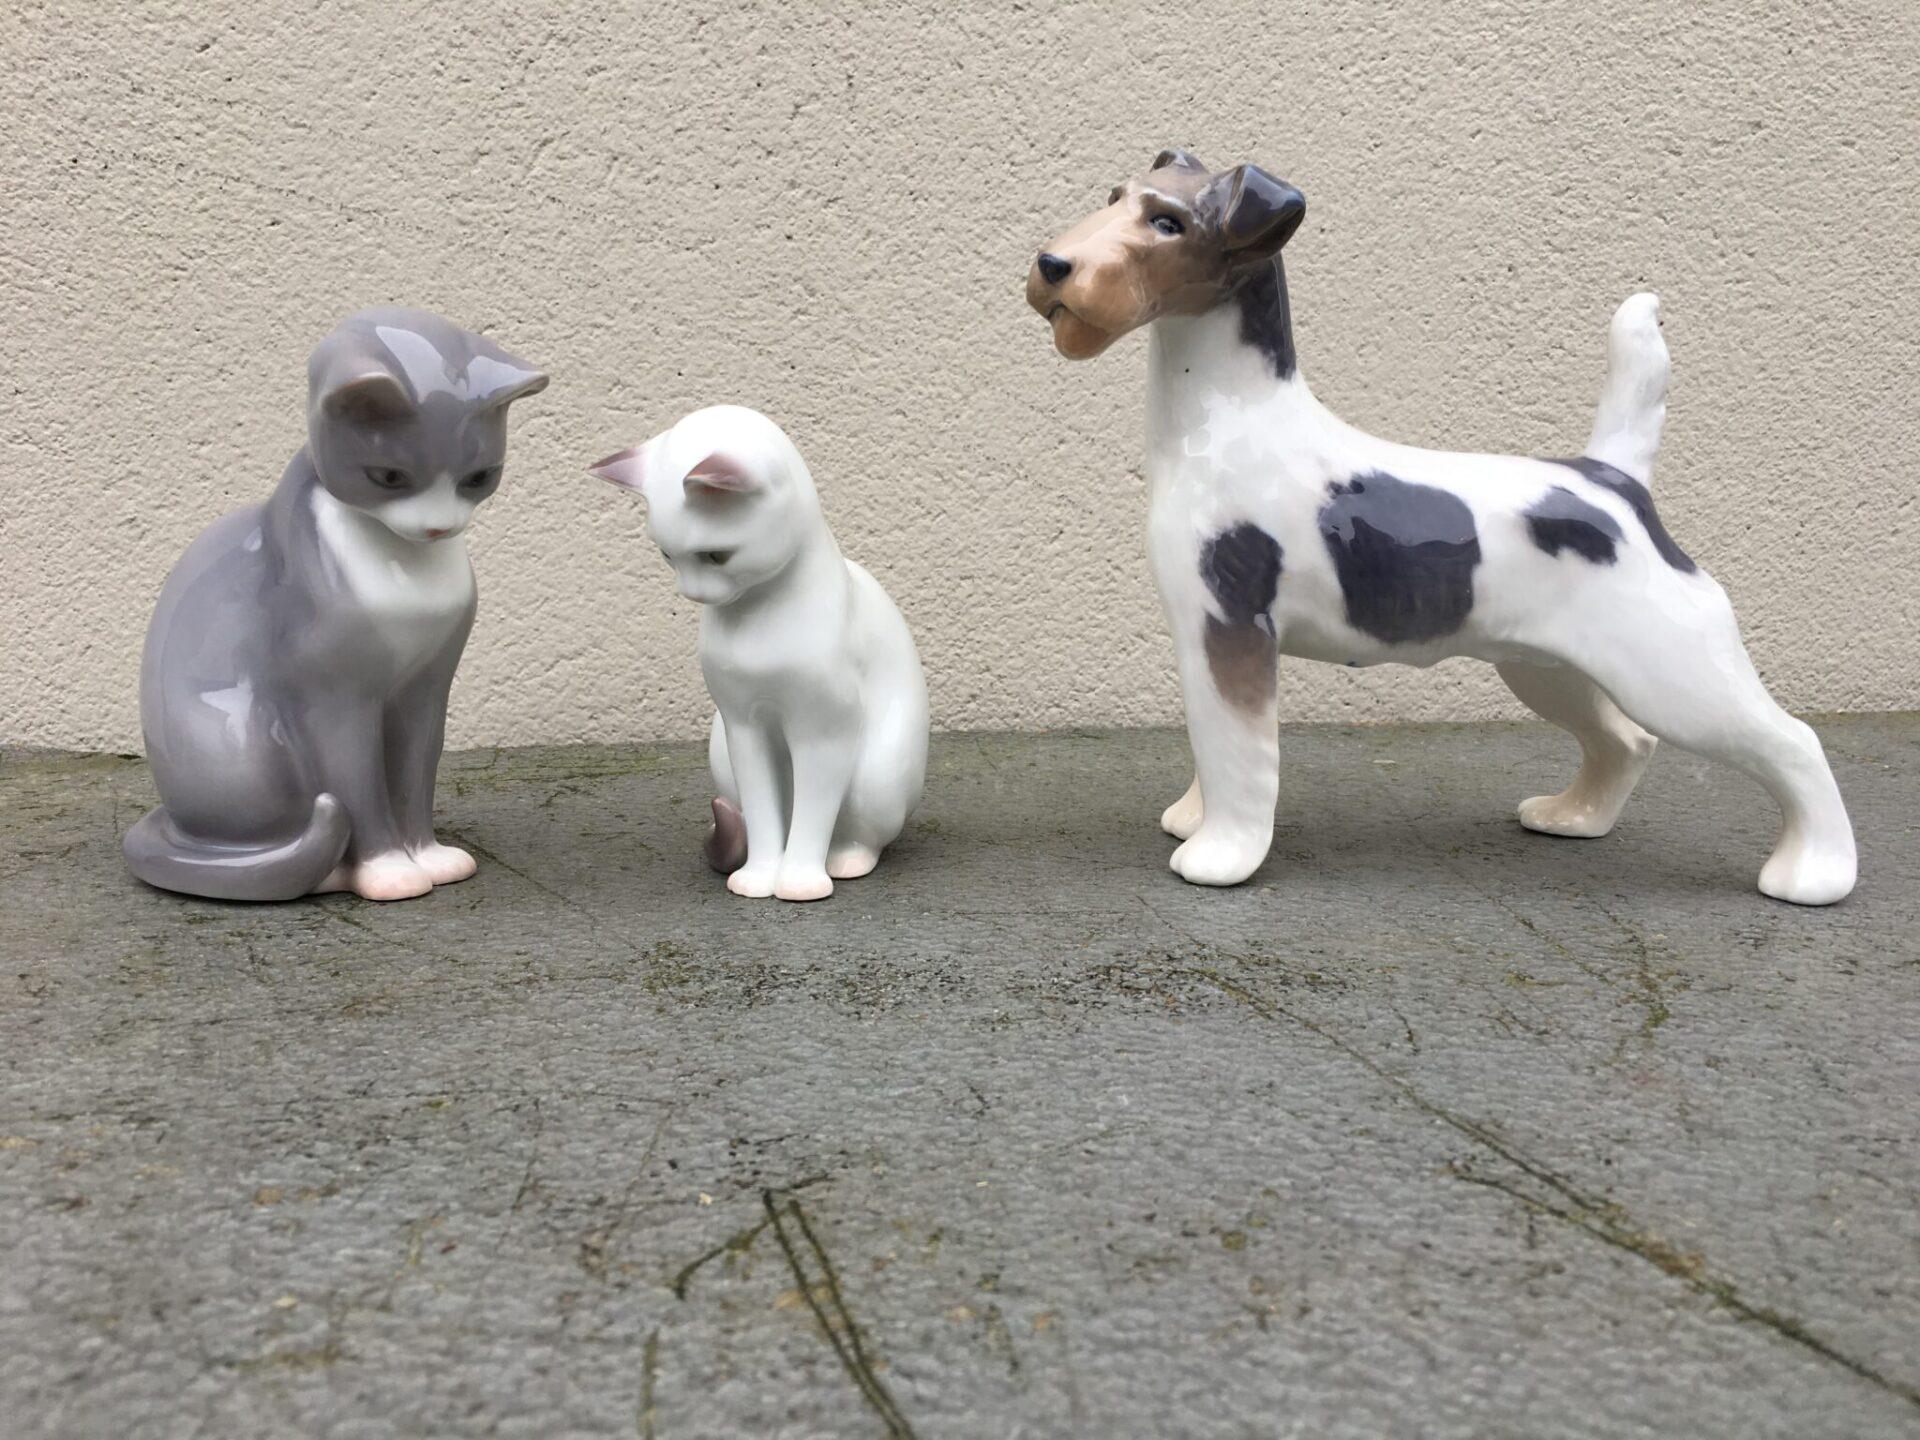 B&G Katte pr. stk 400 kr. Kgl. porcelæn Ruhåret terrier 400 kr